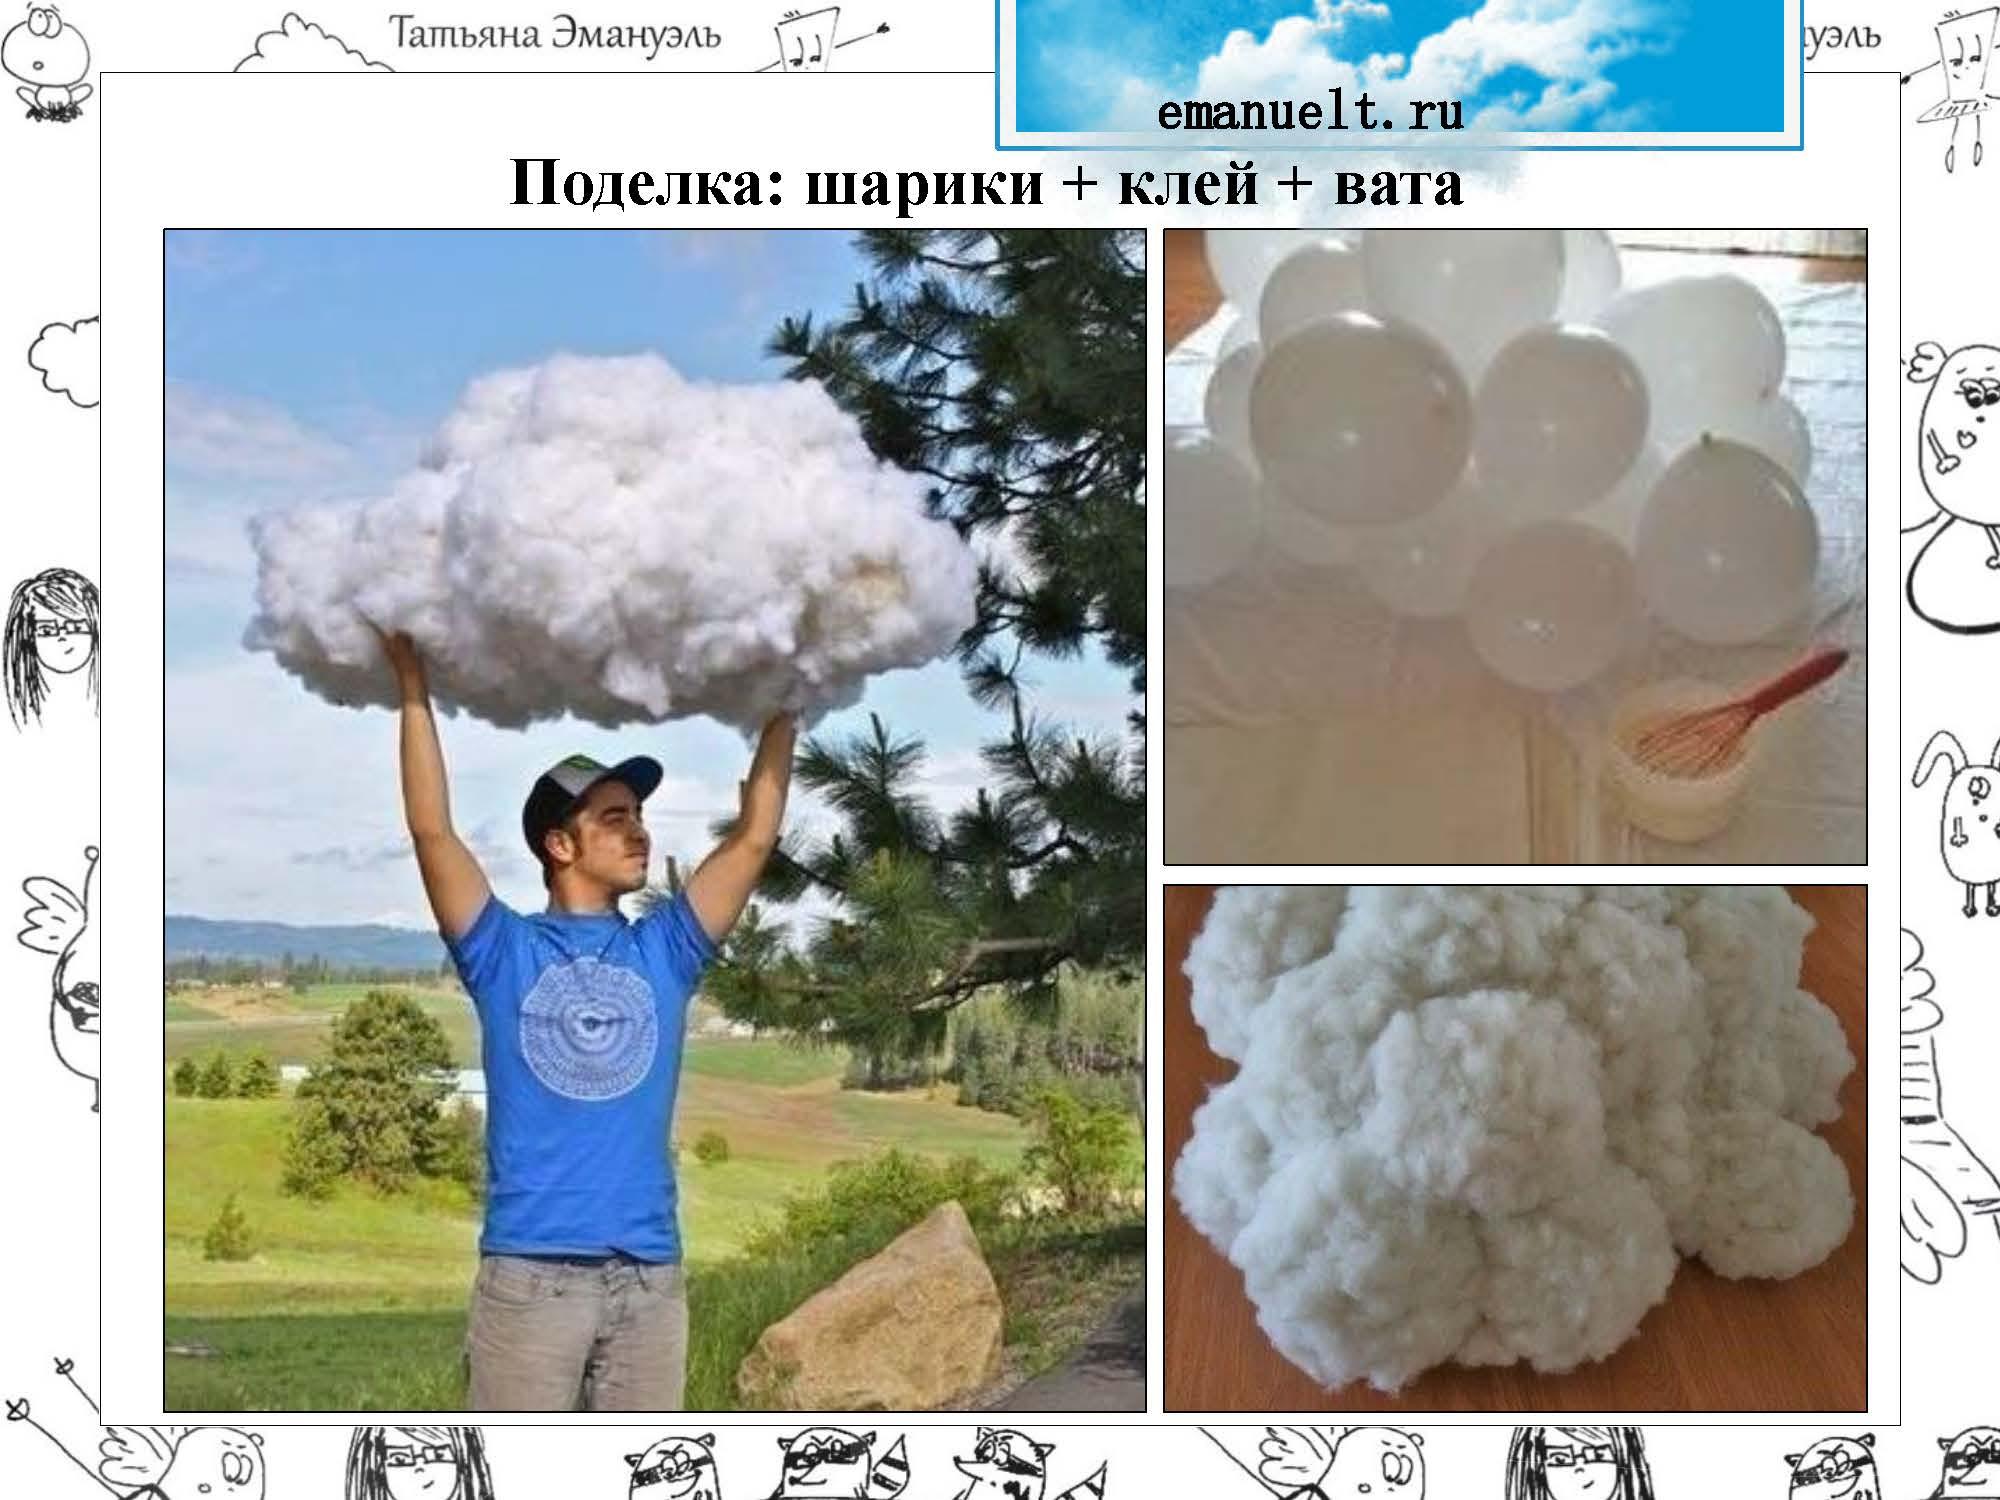 !облака_Страница_141